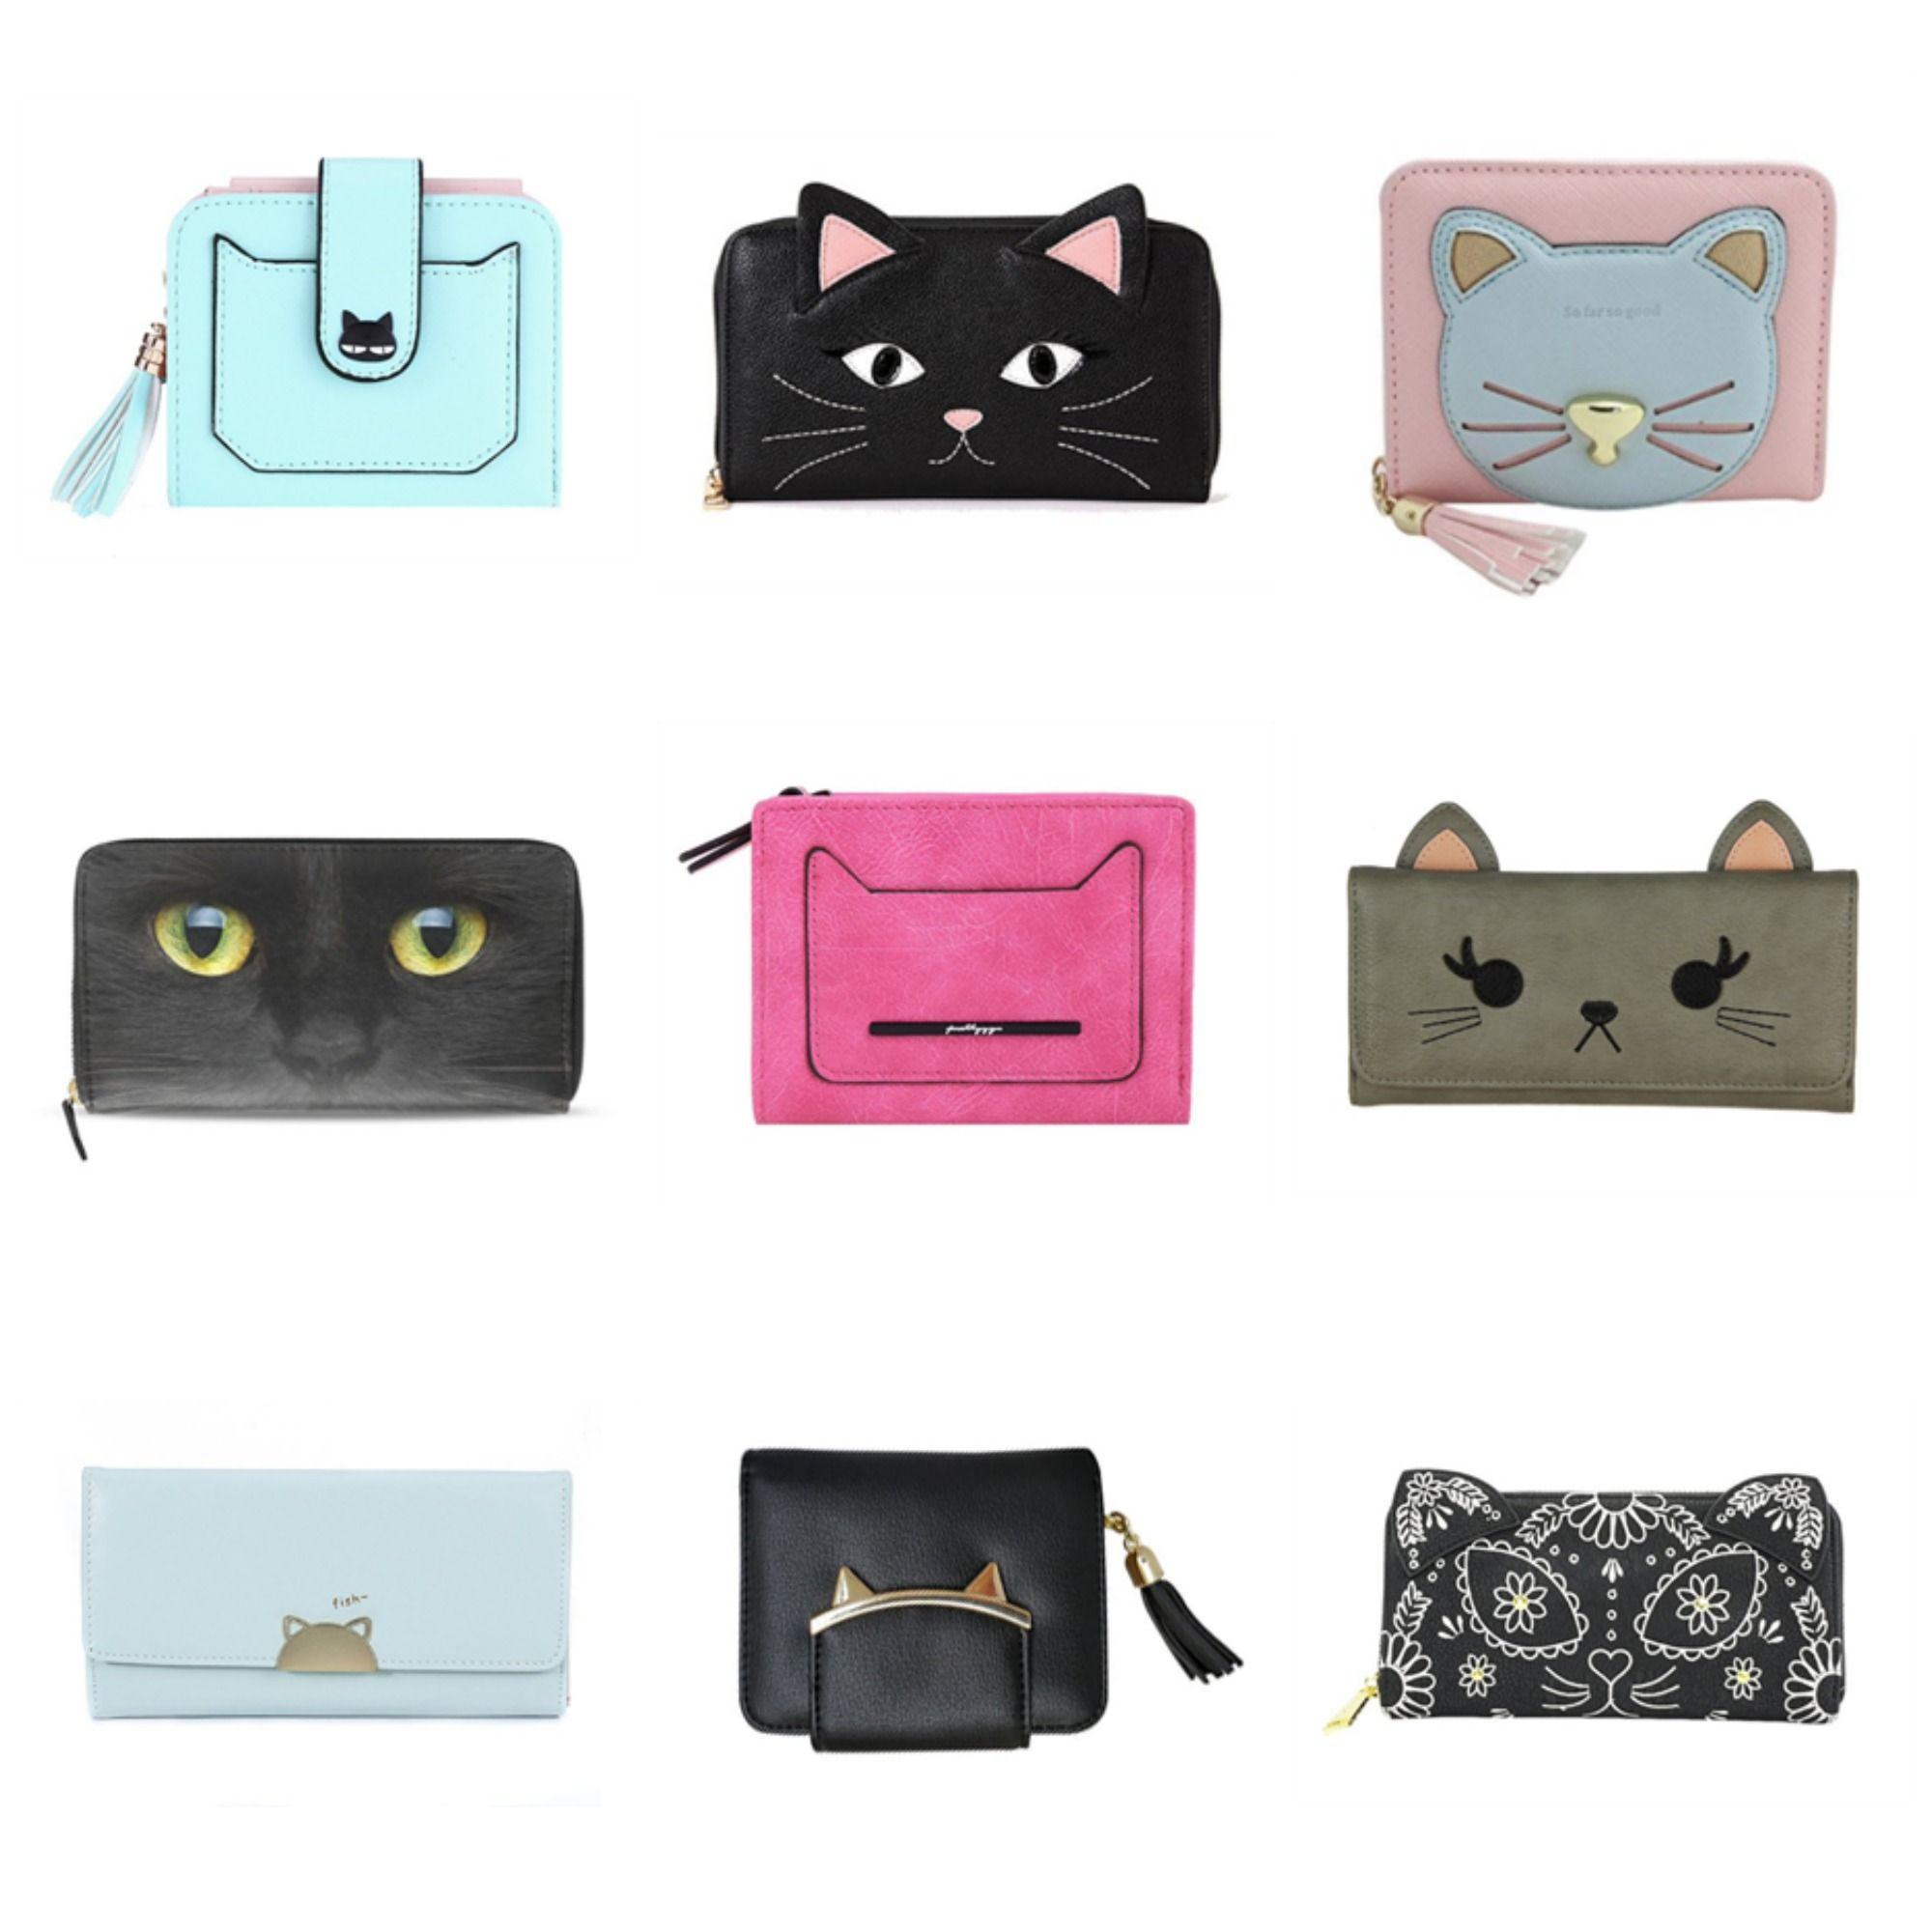 Stylish Cat fun & stylish cat wallets! #meowaf, #catfashion, #catwallet